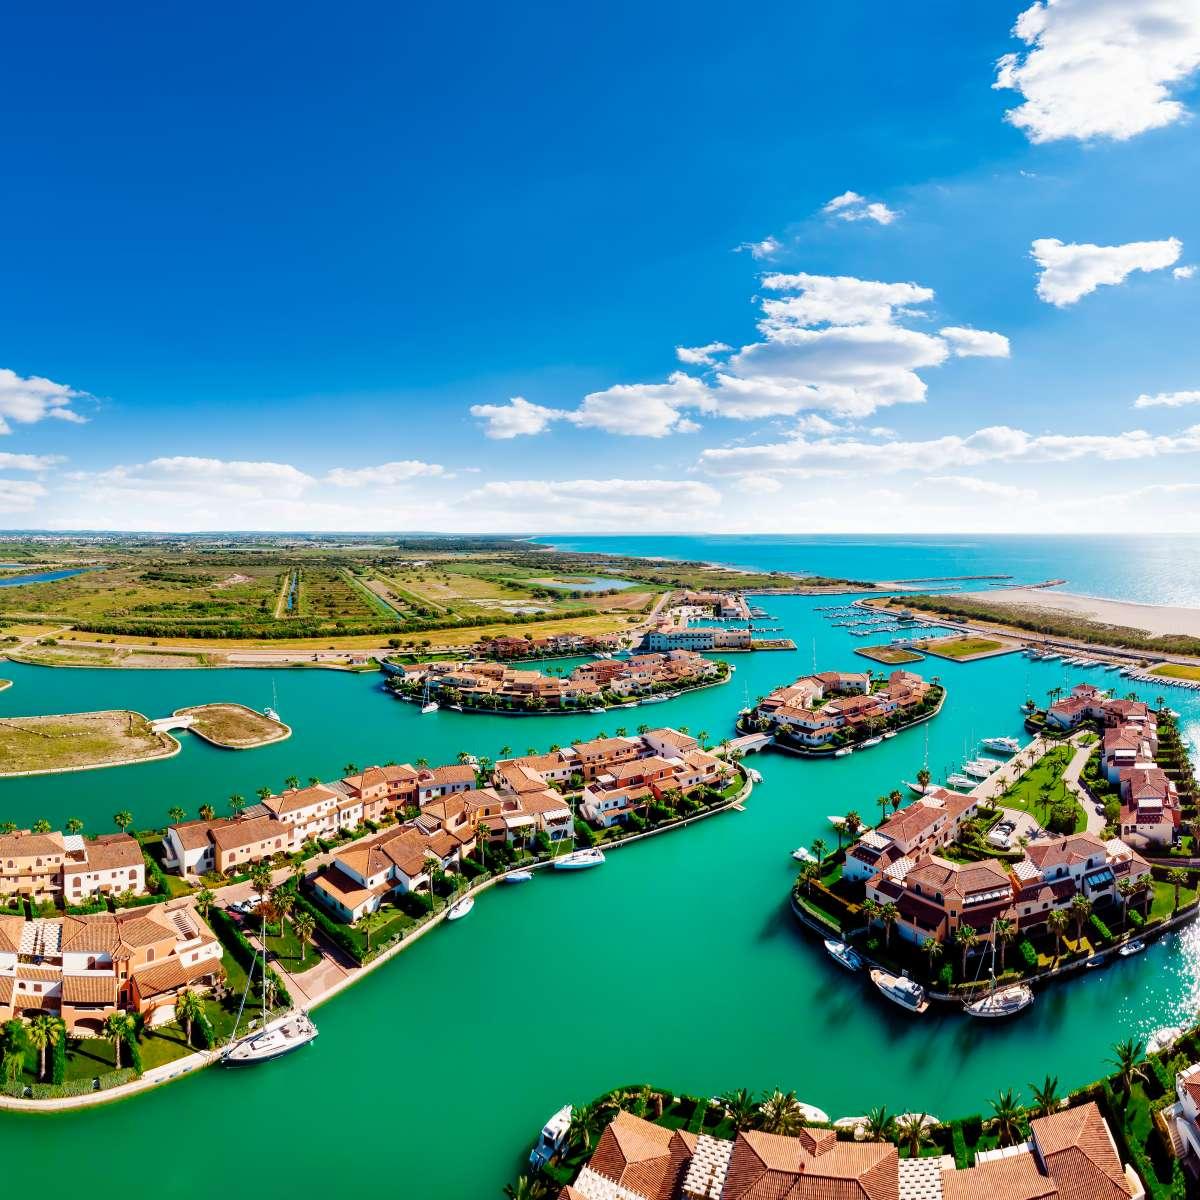 Le più belle spiagge del Sud Italia: vista dall'alto del paese di Policoro